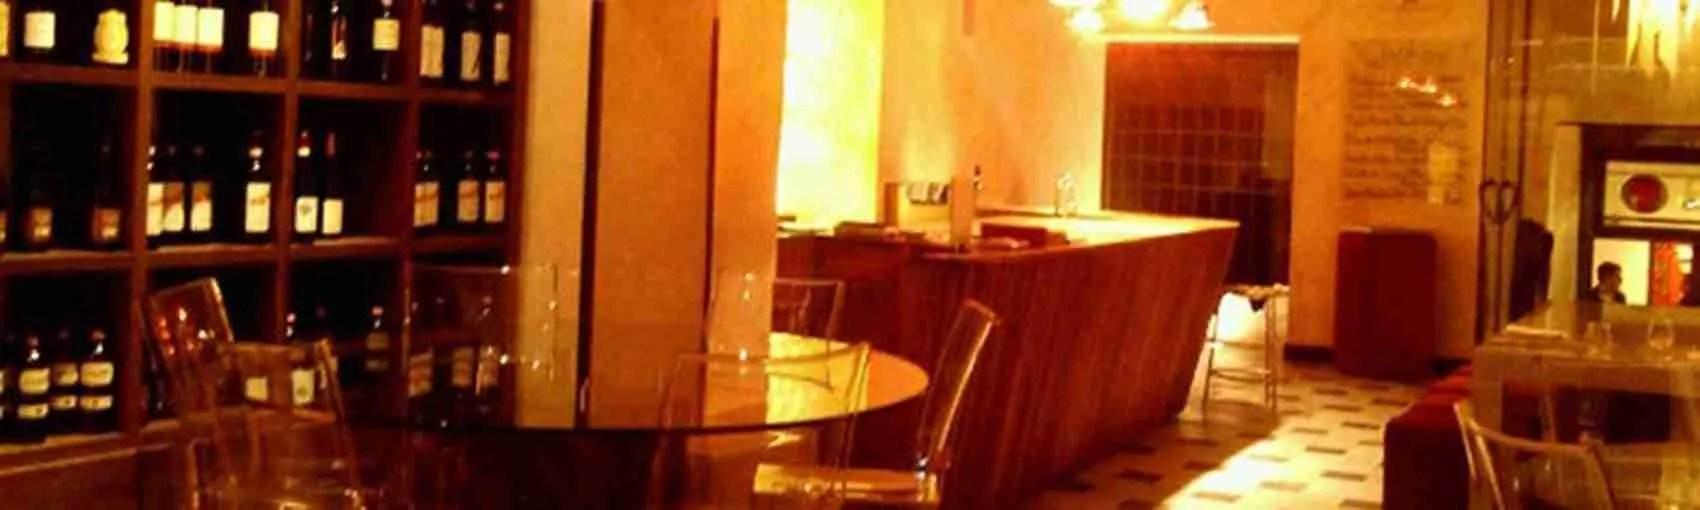 Le escort Genova saranno felici di cenare al Ristorante Ippogrifo di Genova, uno dei locali più prestigiosi della città ligure.